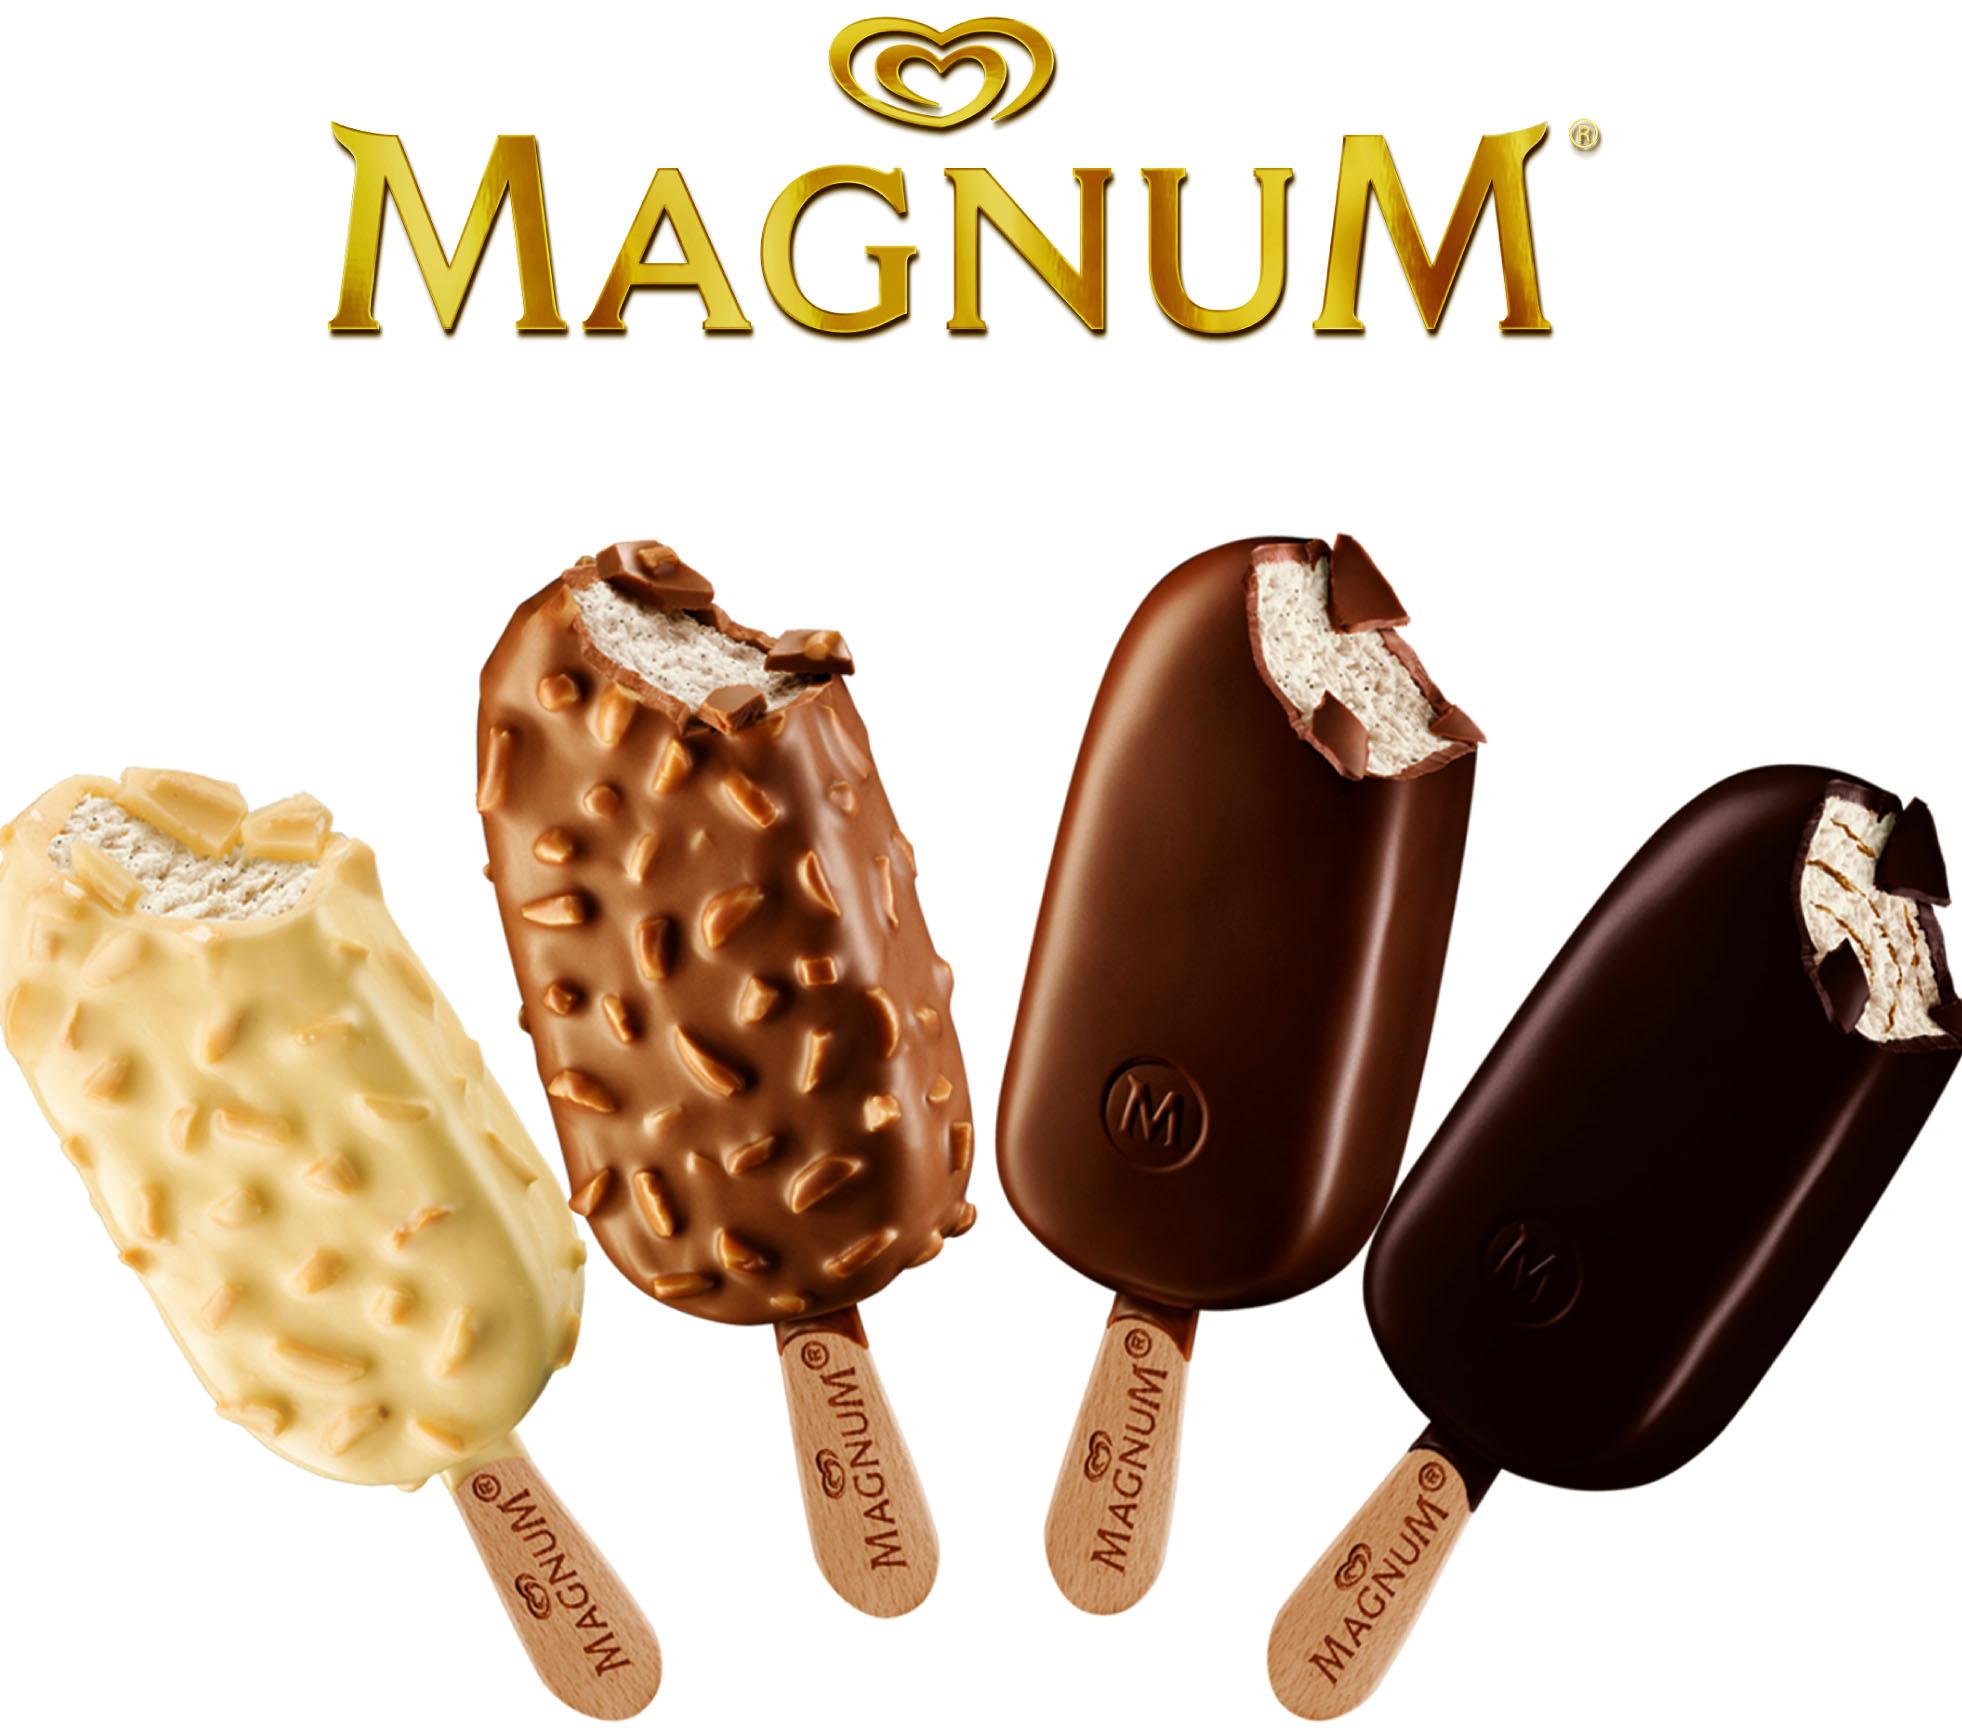 Kaufland hat das leckere Magnum Eis, 4er Pack oder Minis, verschiedene Sorten für nur 1,88€ im Angebot